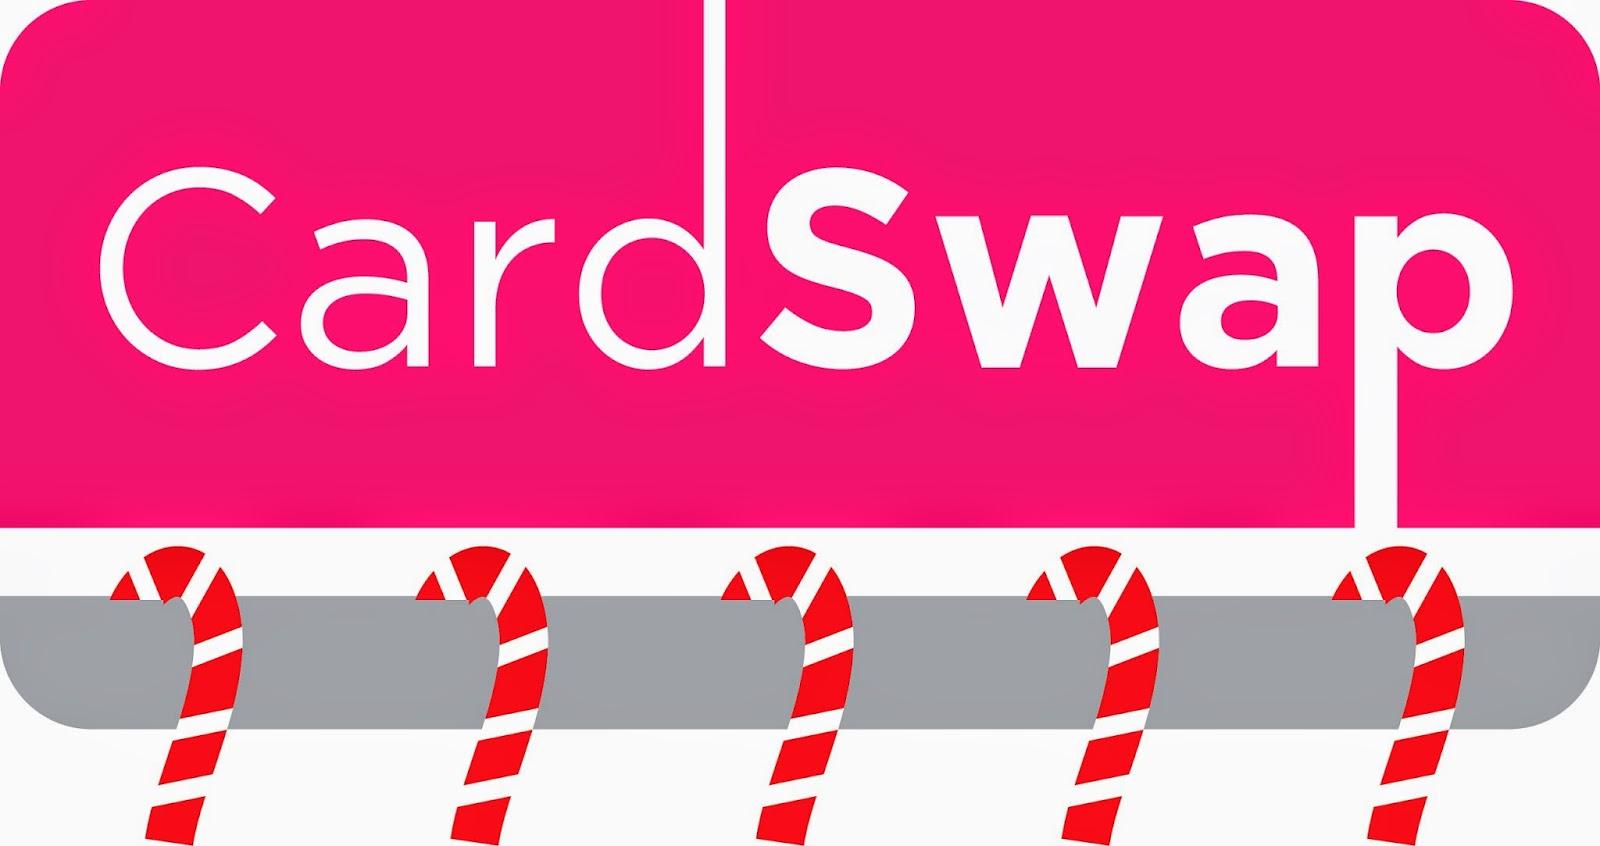 http://www.cardswap.ca/